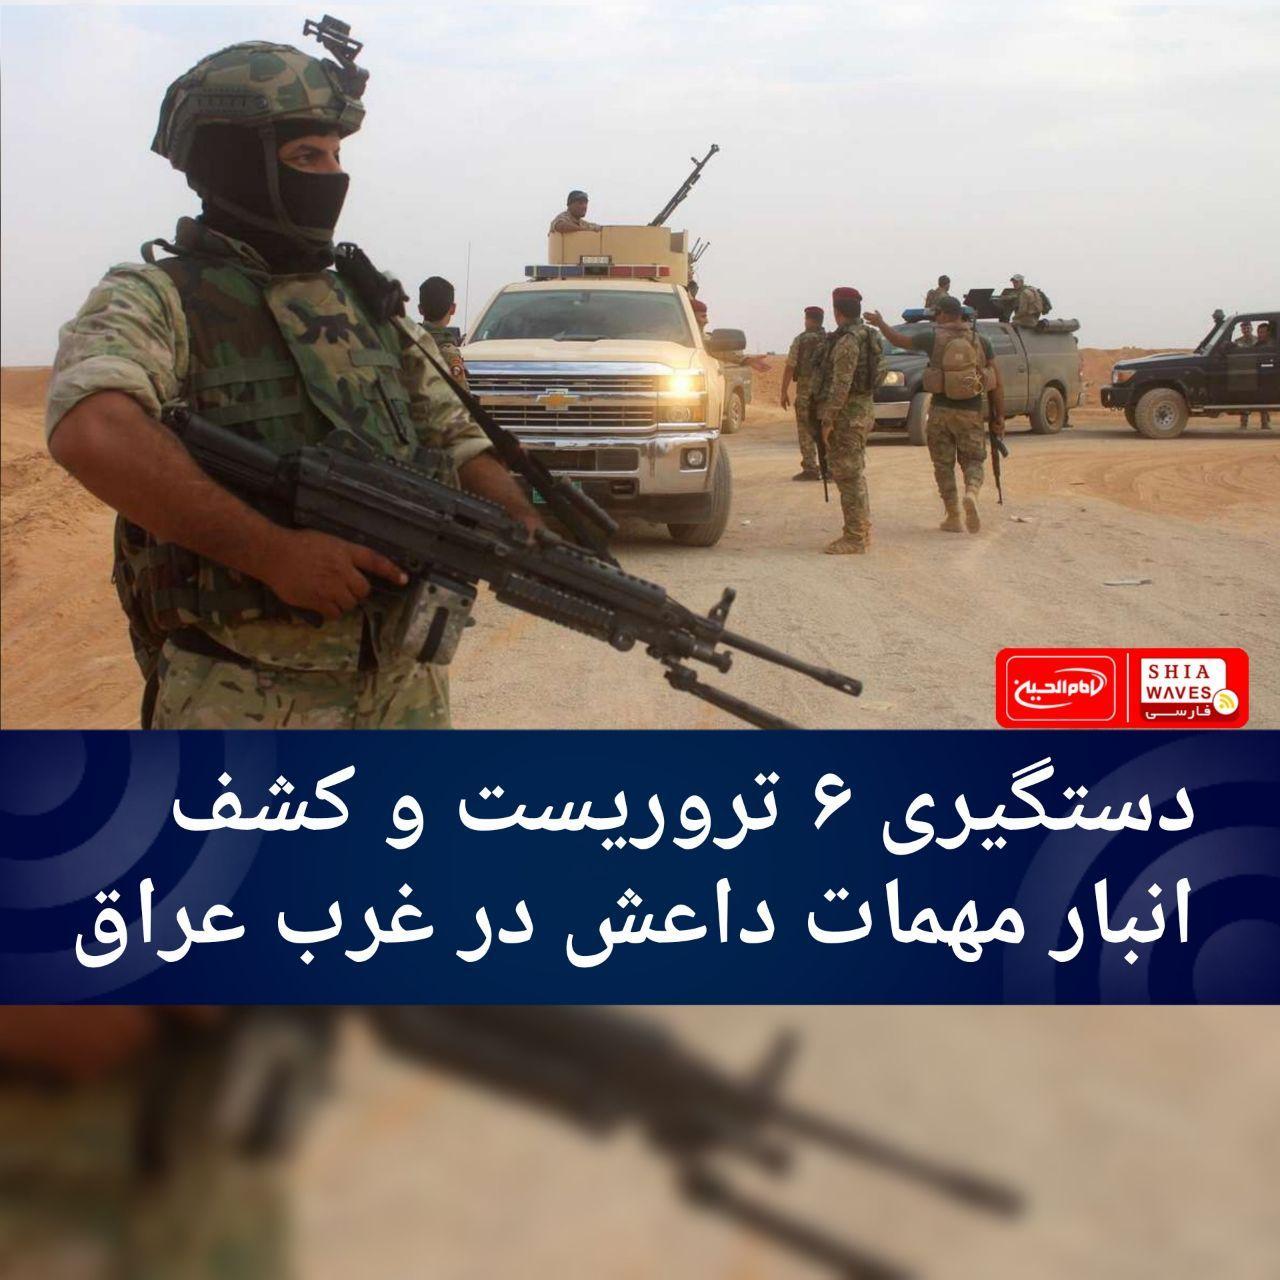 تصویر دستگیری ۶ تروریست و کشف انبار مهمات داعش در غرب عراق